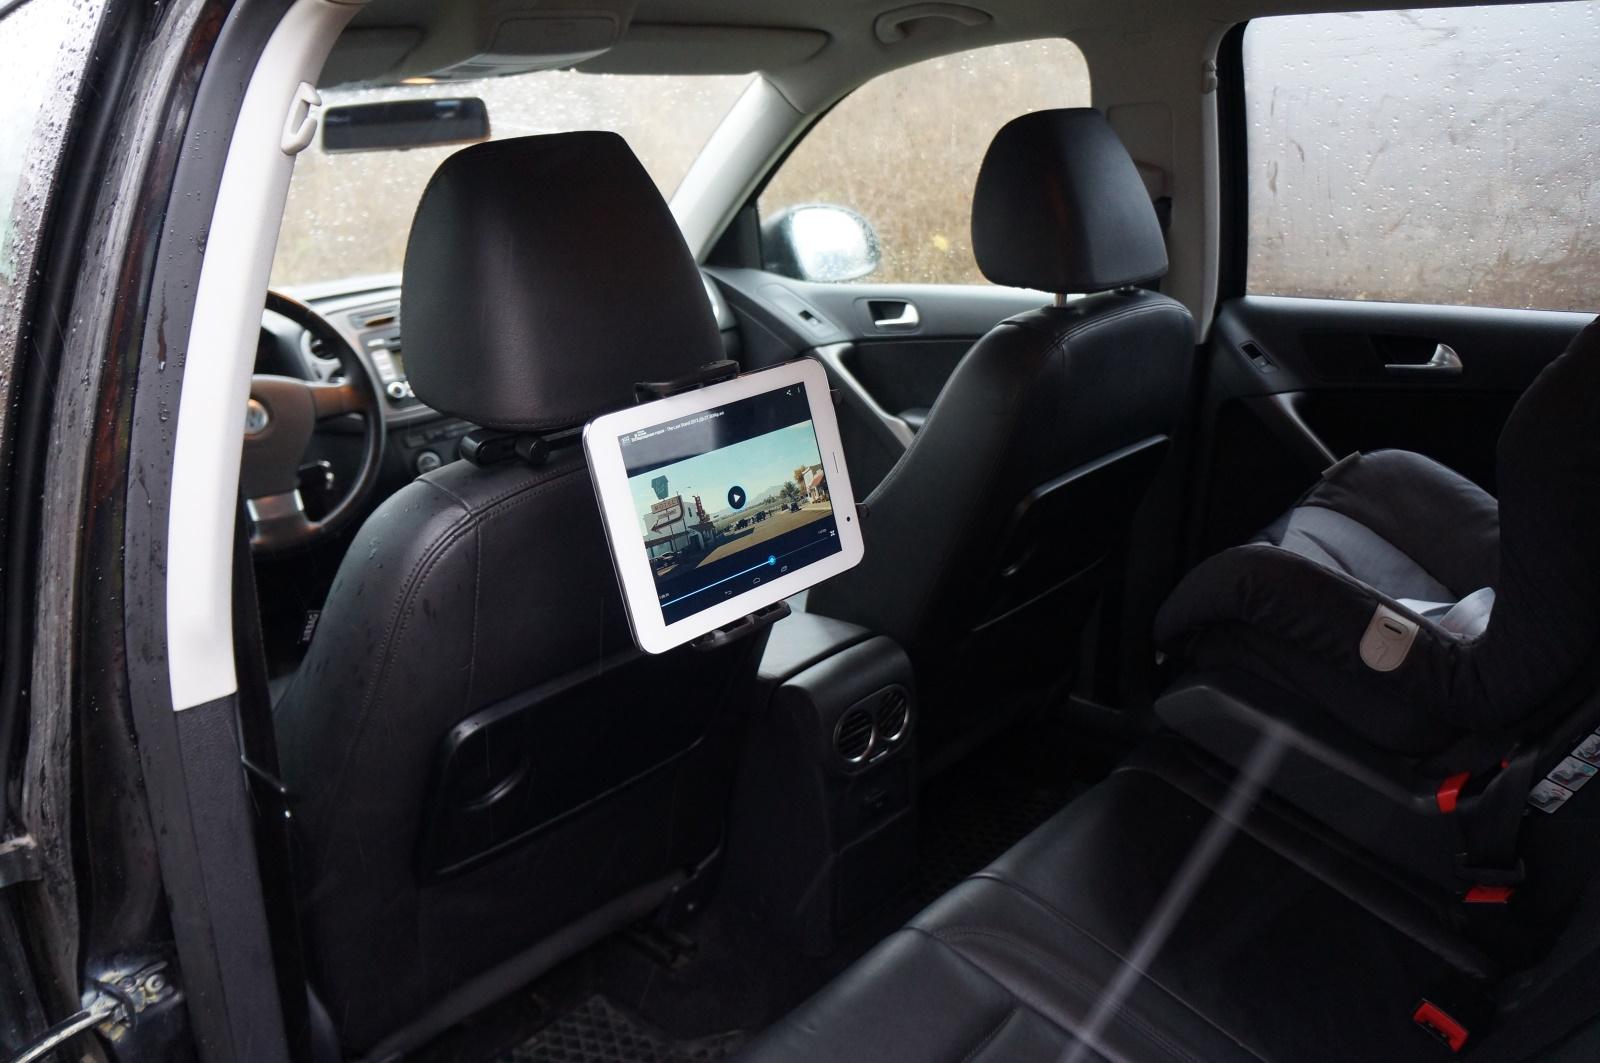 как установить планшет в автомобиль в крышу